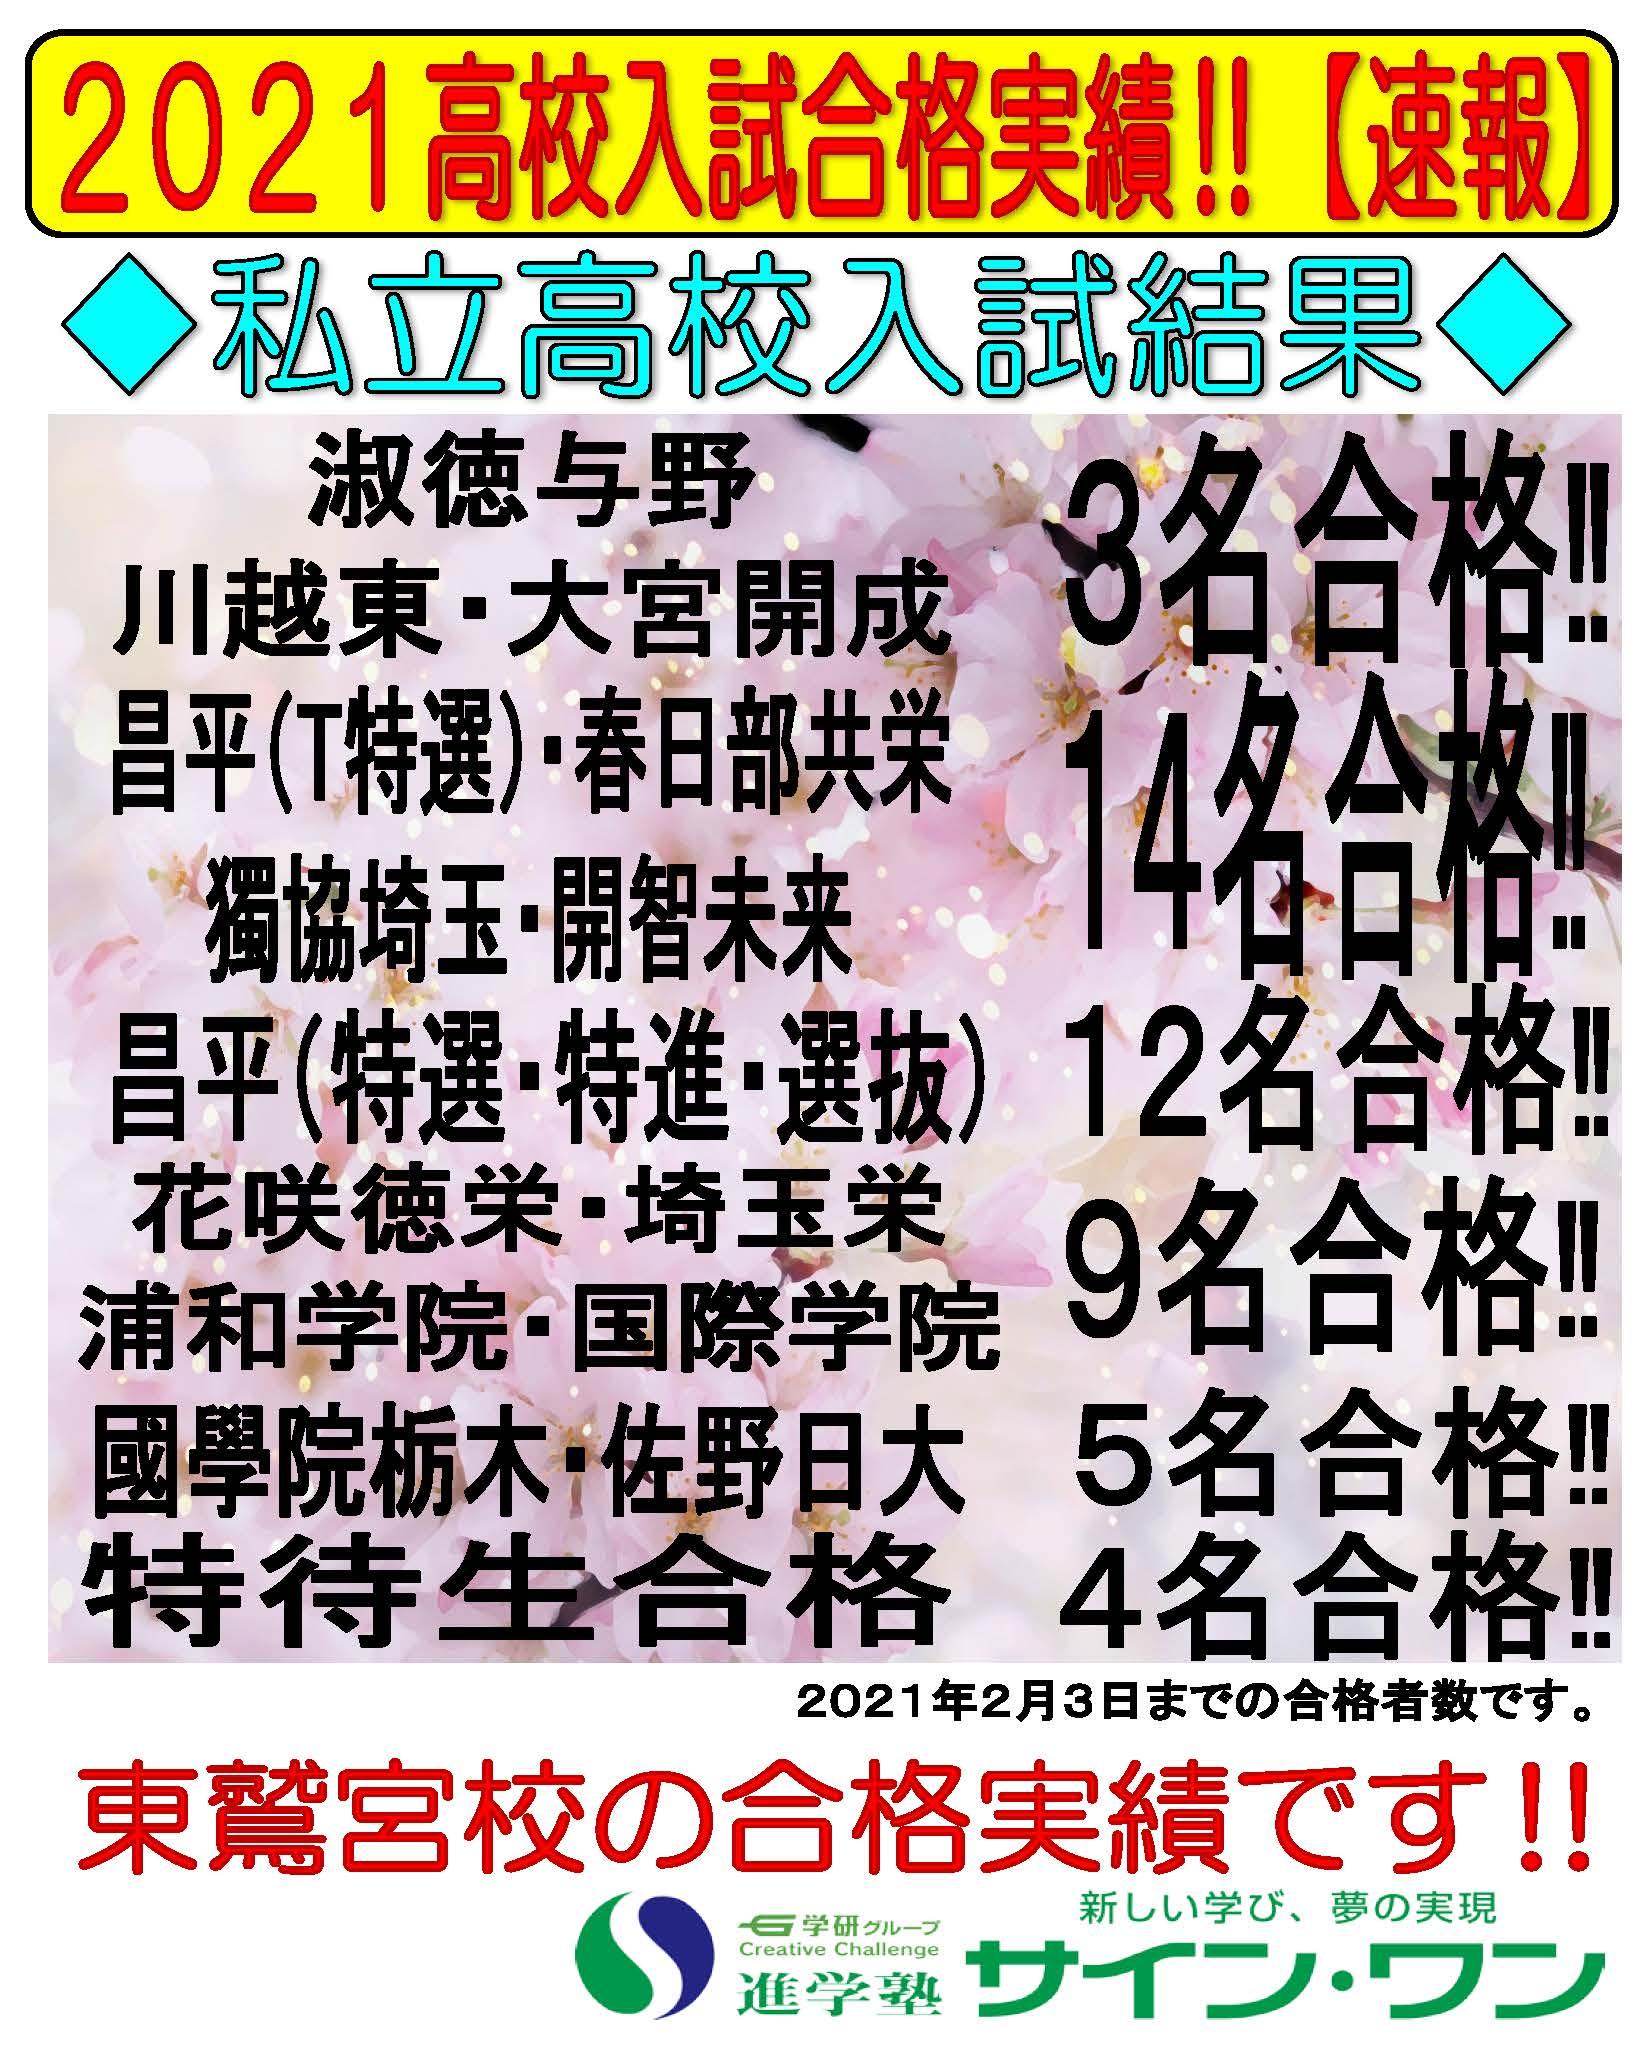 20私立高校合格実績【東鷲宮】